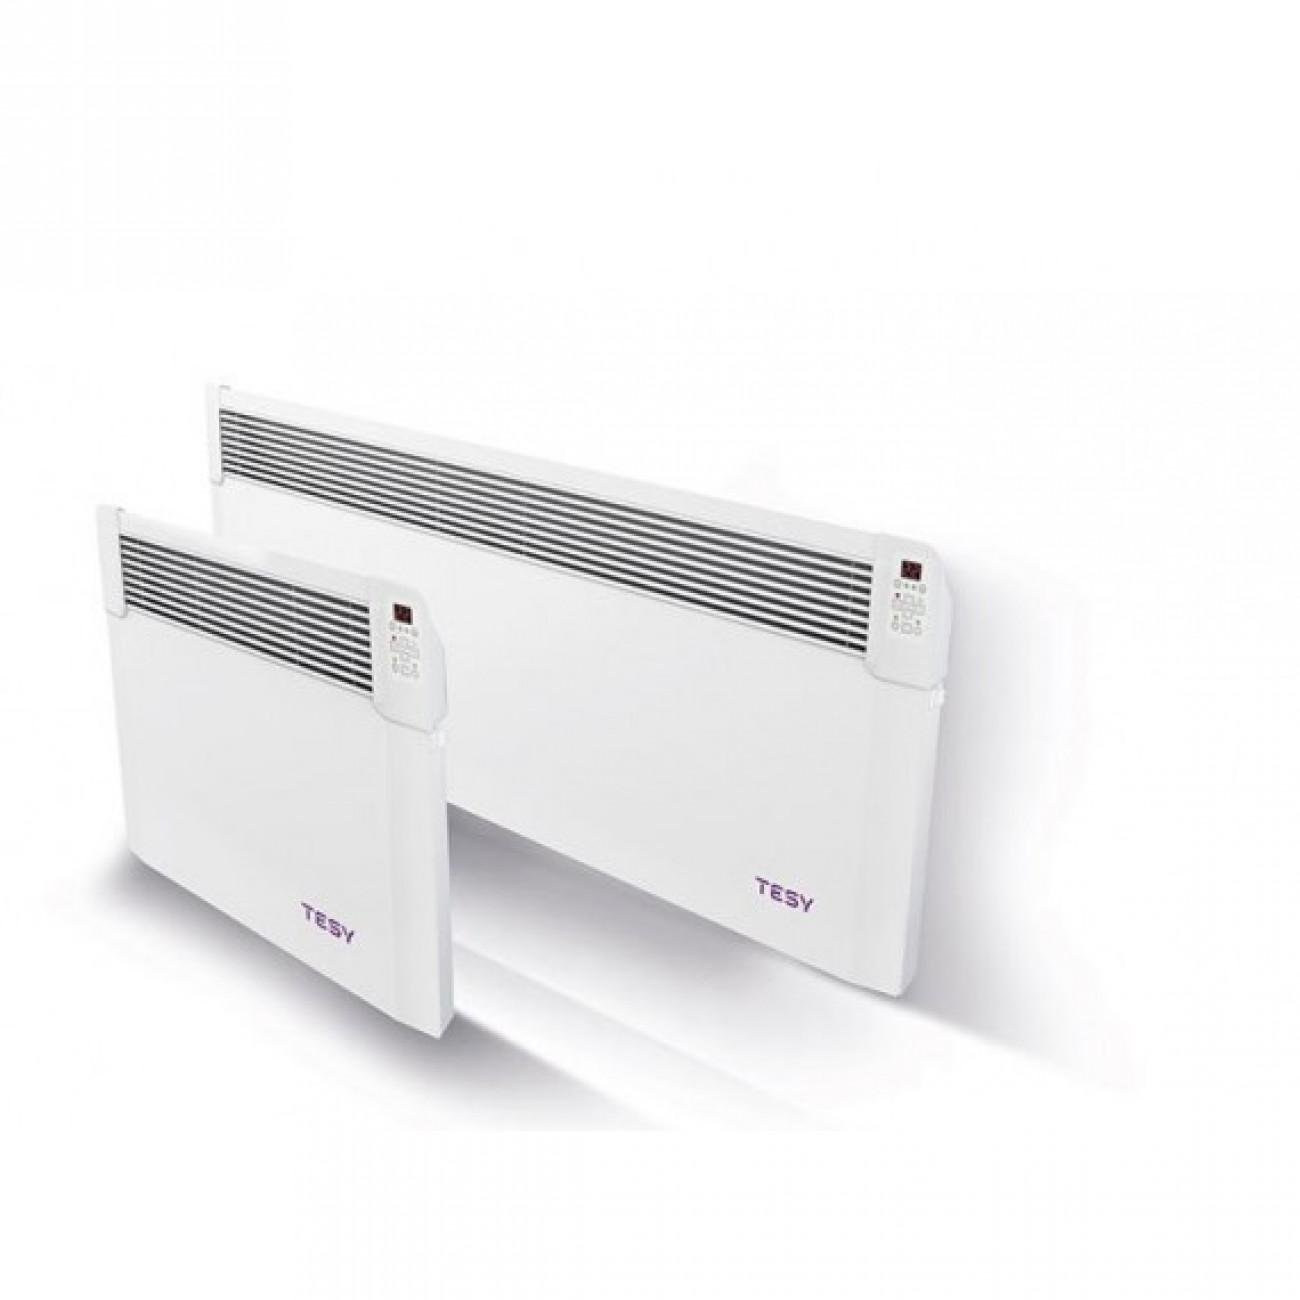 Панелен конвектор Tesy CN 04 250 EIS W в Alleop. Уреди за твоя дом - Tesy | Alleop